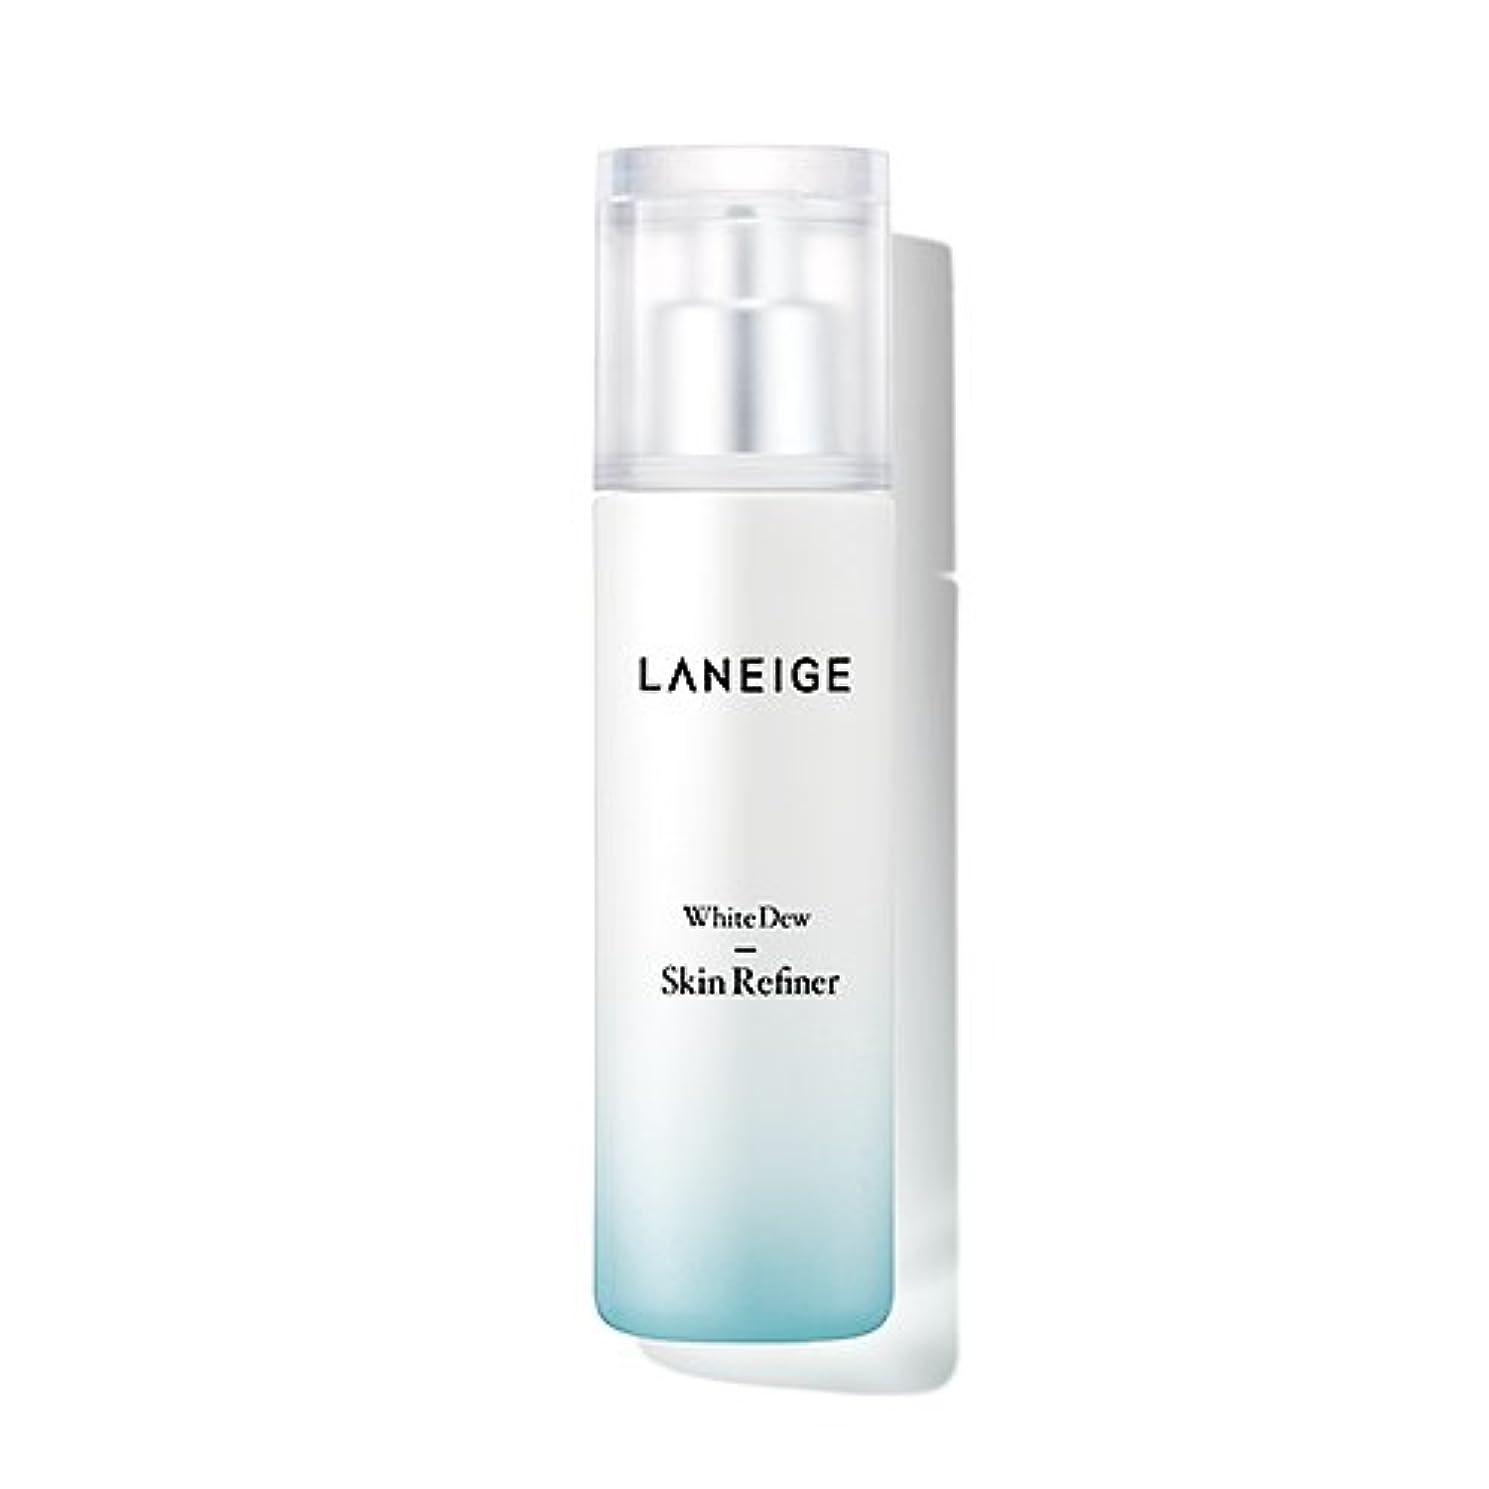 シャット入口変な[ラネージュ] LANEIGEホワイトデュースキンリファイナー White Dew Skin Refiner(海外直送品) [並行輸入品]